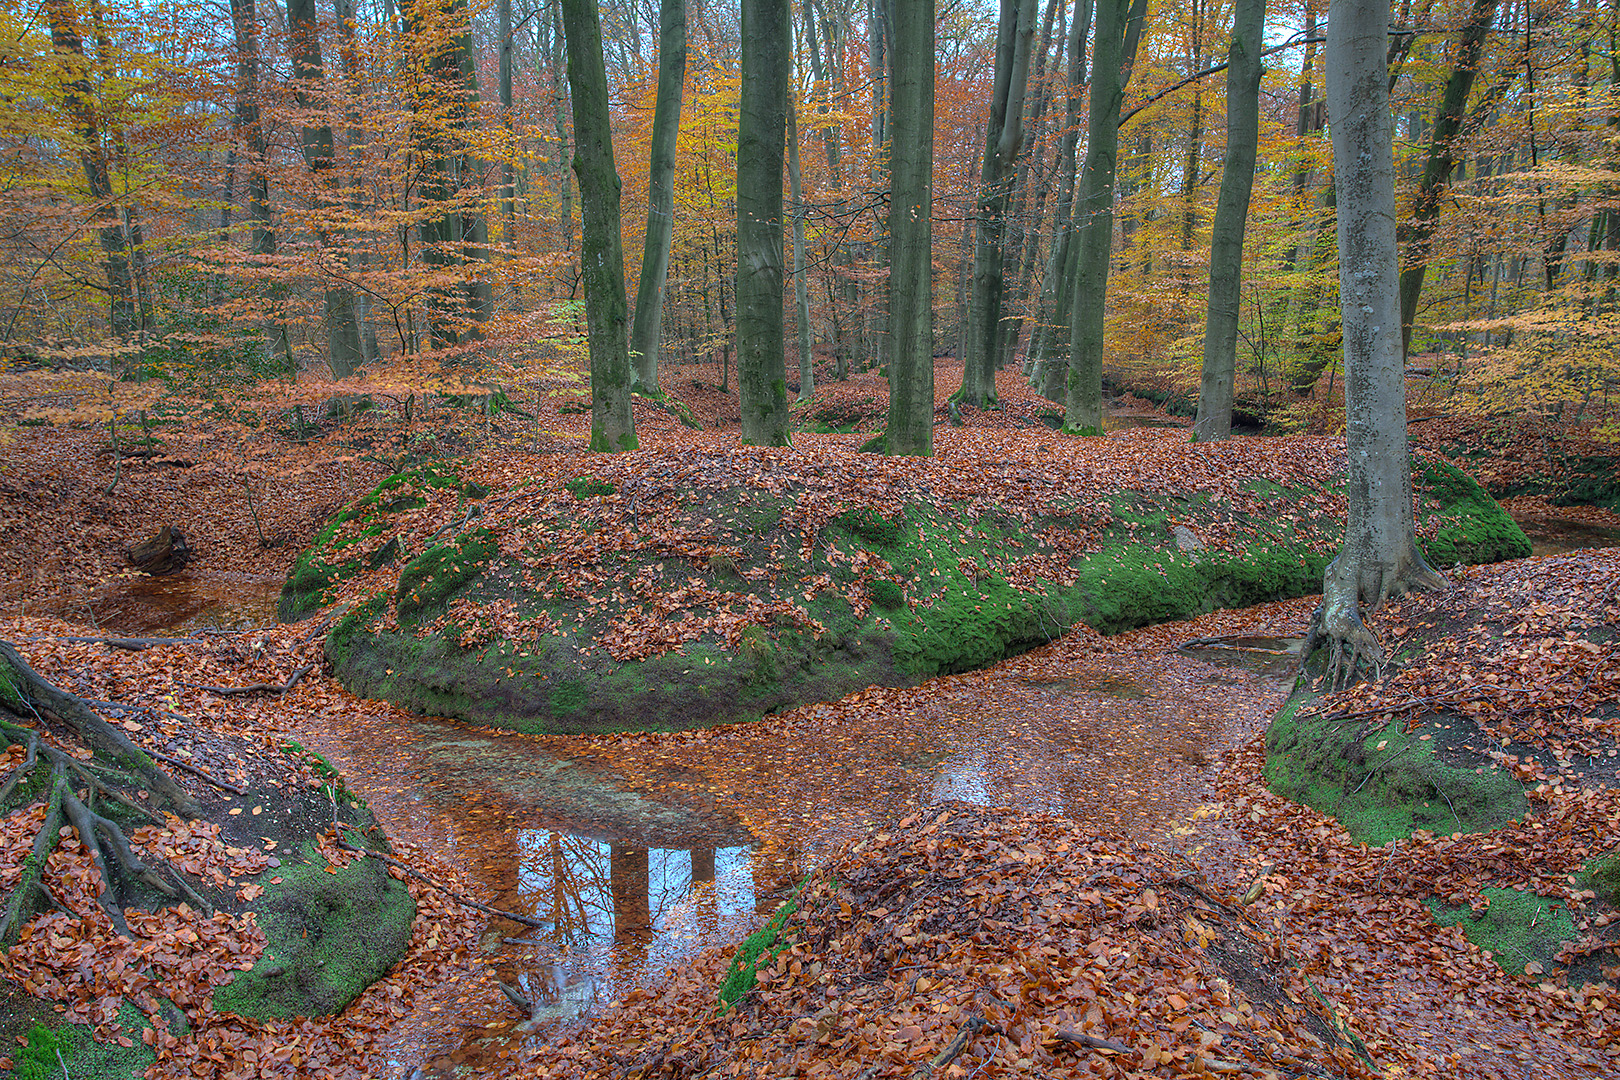 074 Sprengenbos 19-11-2014 HDR_B_V_1620